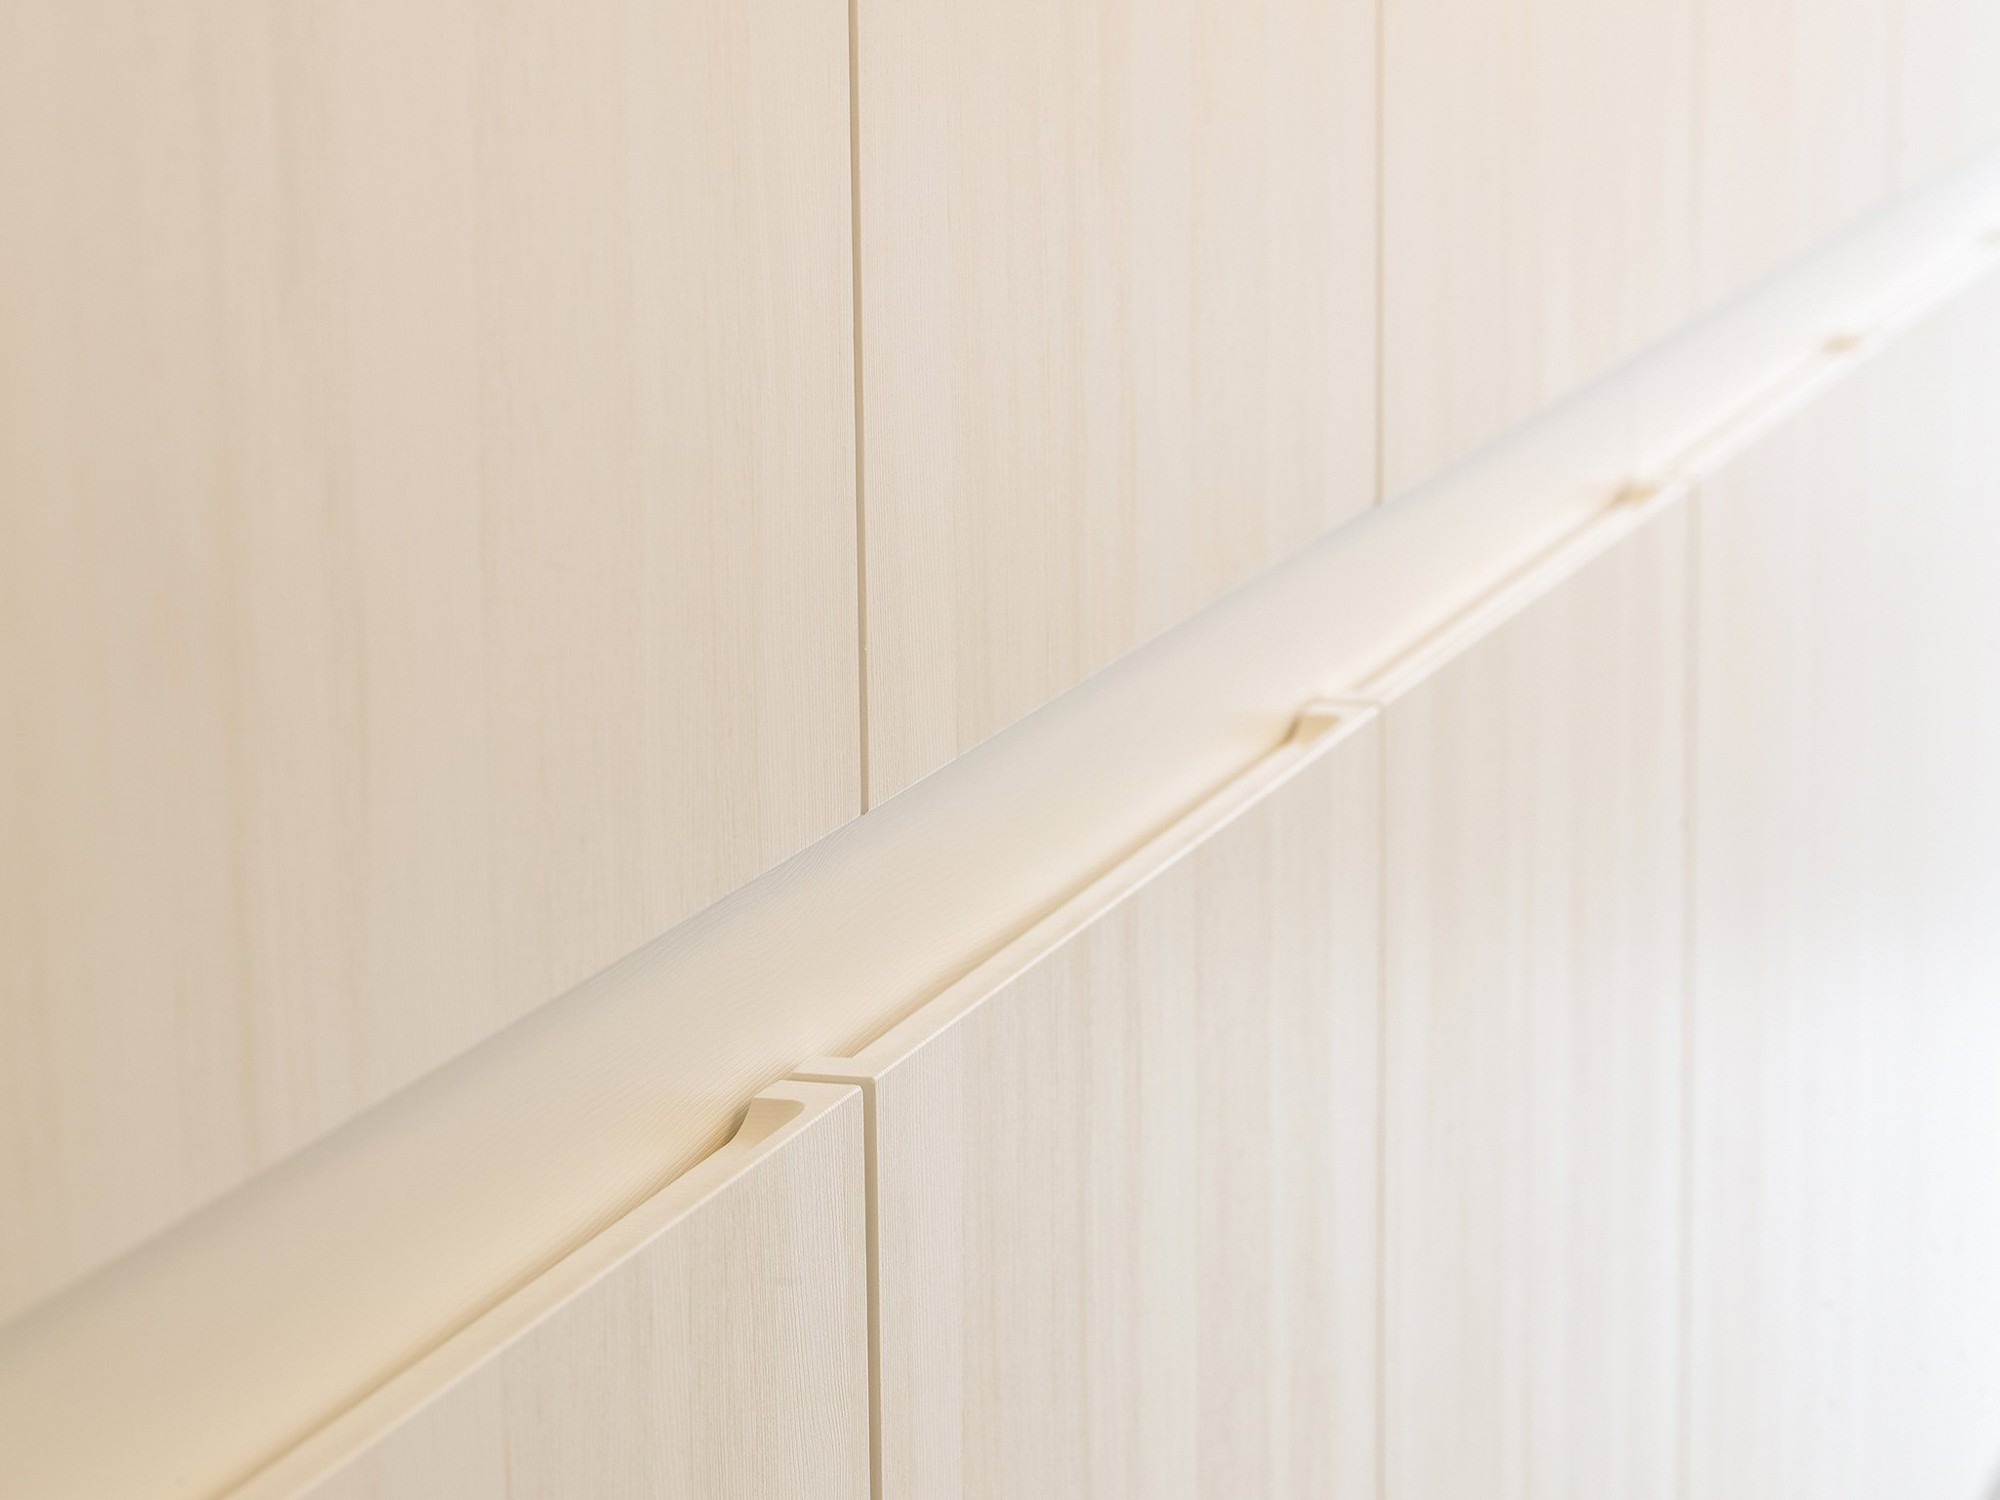 Afbeelding: Productfotografie op locatie meubelen, foto Van Huffel.